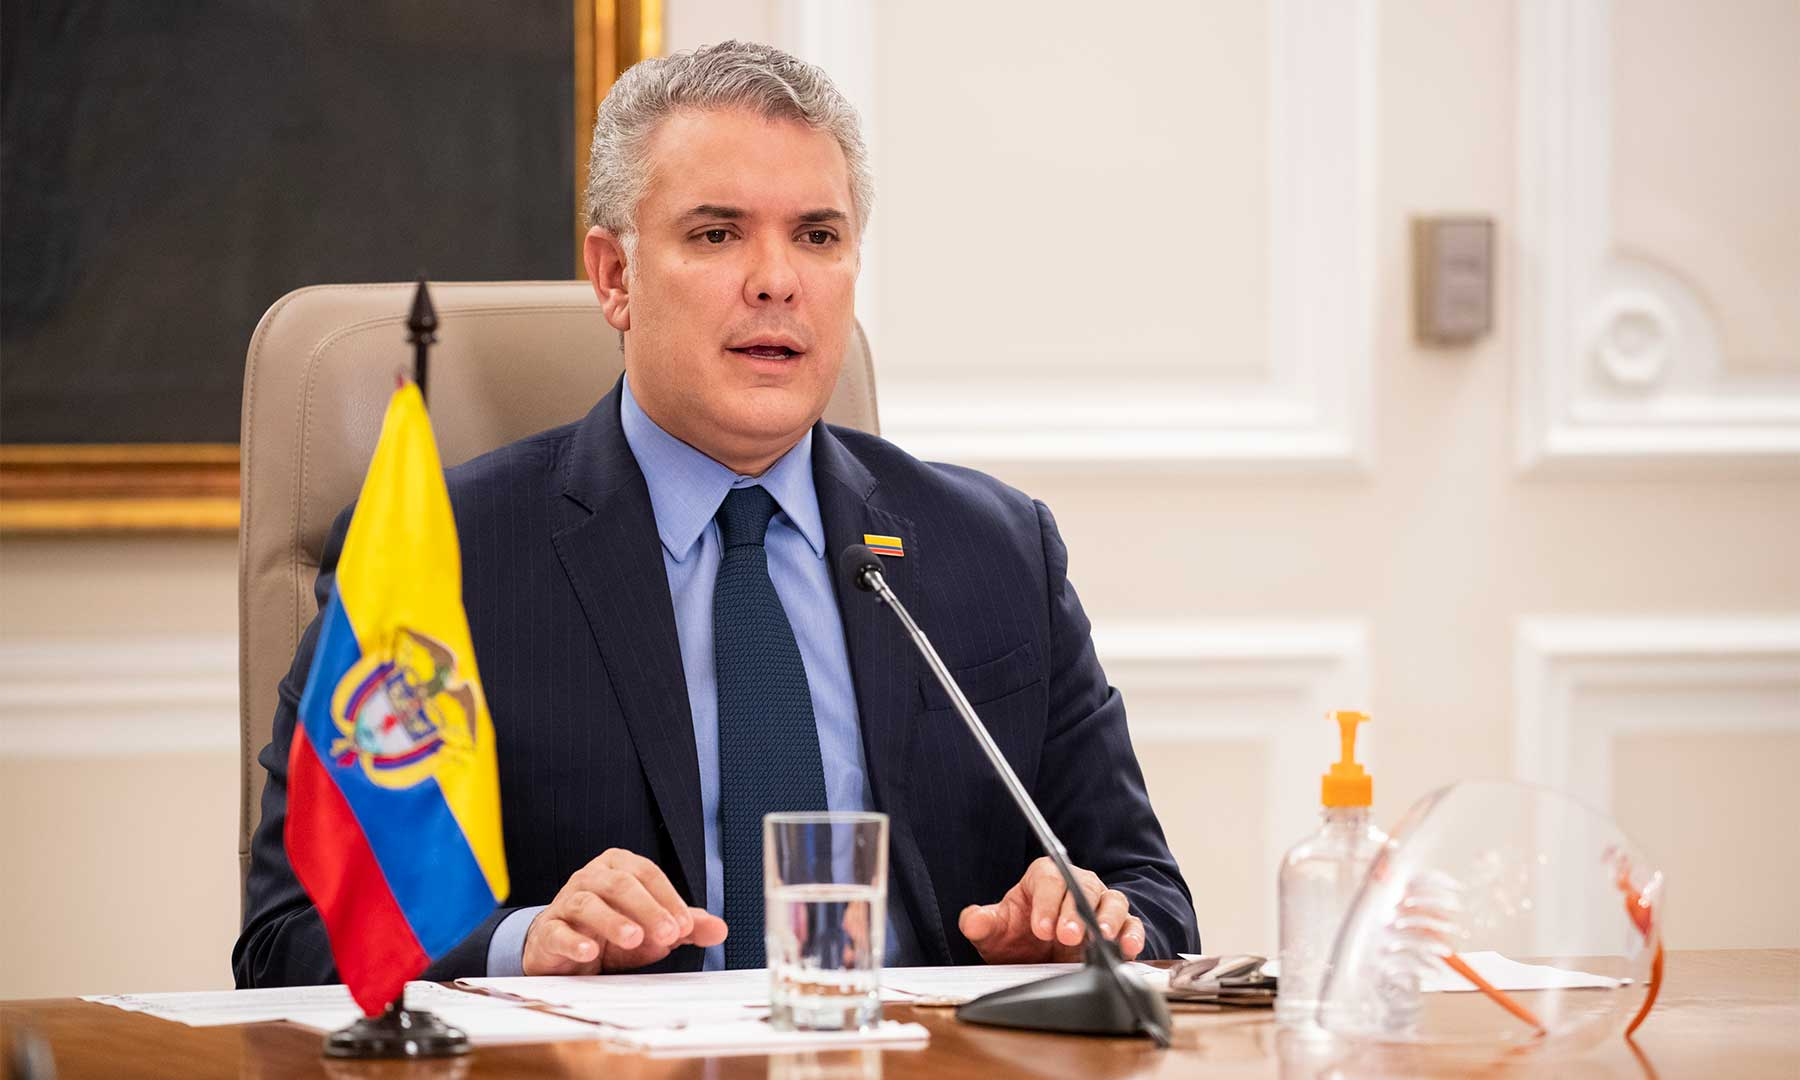 El presidente de Colombia, Iván Duque, apoyó este viernes el llamado de la coalición internacional a desconocer y rechazar